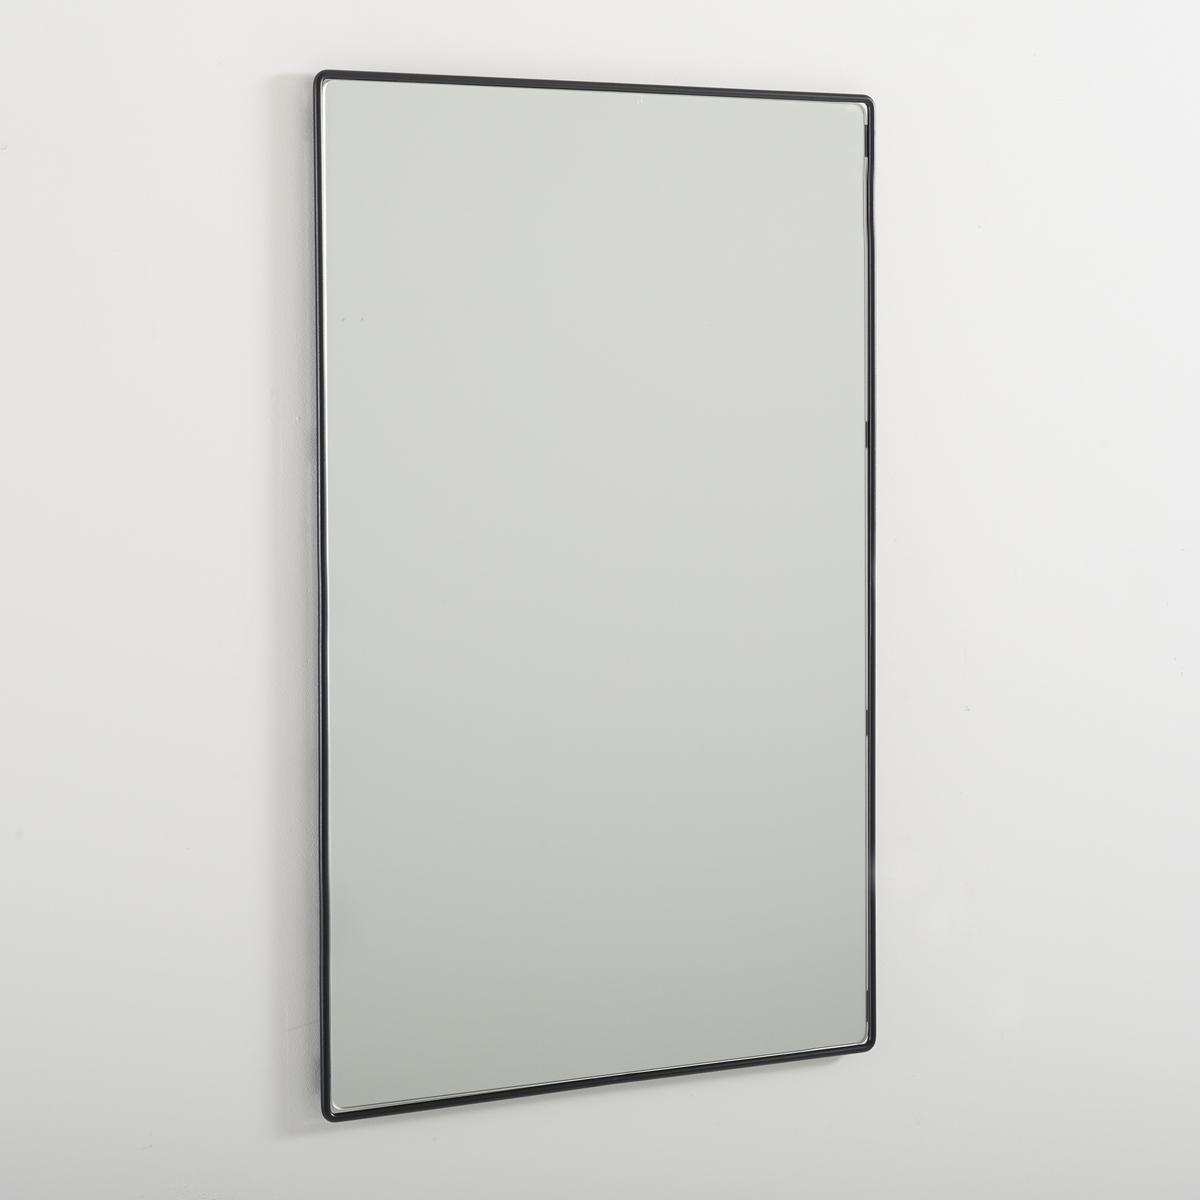 Зеркало BertilieОписание зеркала Bertilie:Зеркало прямоугольной формы.Характеристики зеркала Bertilie:Каркас из проволочного металла, отделка эпоксидной краской черного или белого цвета.Другие оригинальные предметы декора - на laredoute.ru.Размеры зеркала Bertilie:Ш.60 x В.90 x Г.1,6 см, 8,32 кг.Размер и вес с упаковкой:1 упаковка.Ш.67,5 x В.100 x Г.7 см, 10,22 кг.<br><br>Цвет: черный